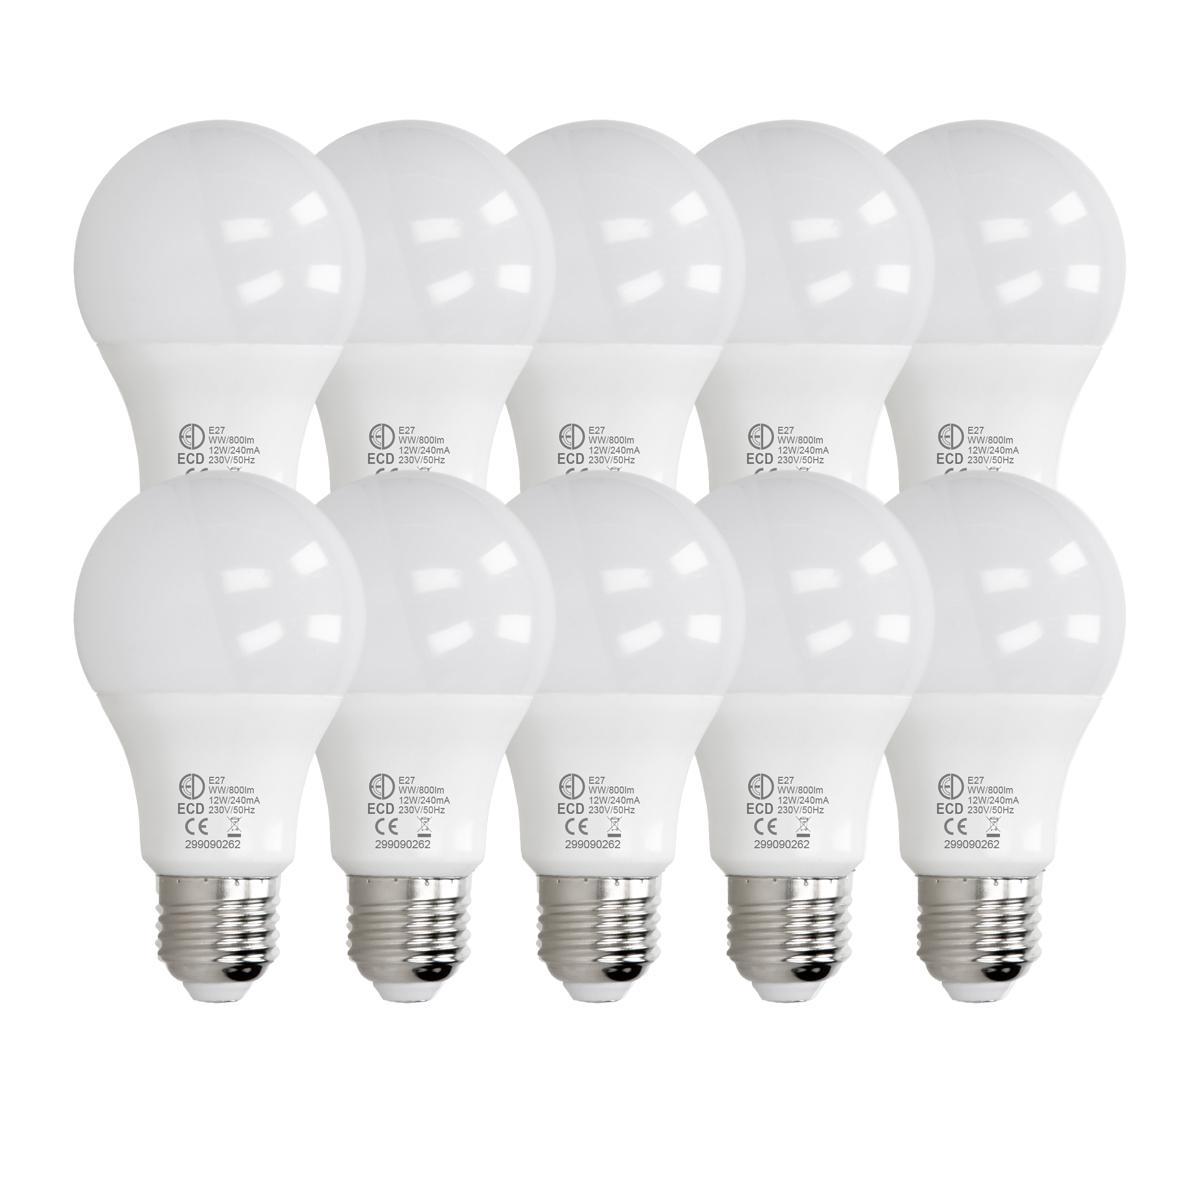 Ecd Germany ECD Germany 10 pièces d'ampoule LED E27 de 12W | 3000 Kelvin | Angle de faisceau 270 ° | 800 lumens | Blanc chaud | 220-